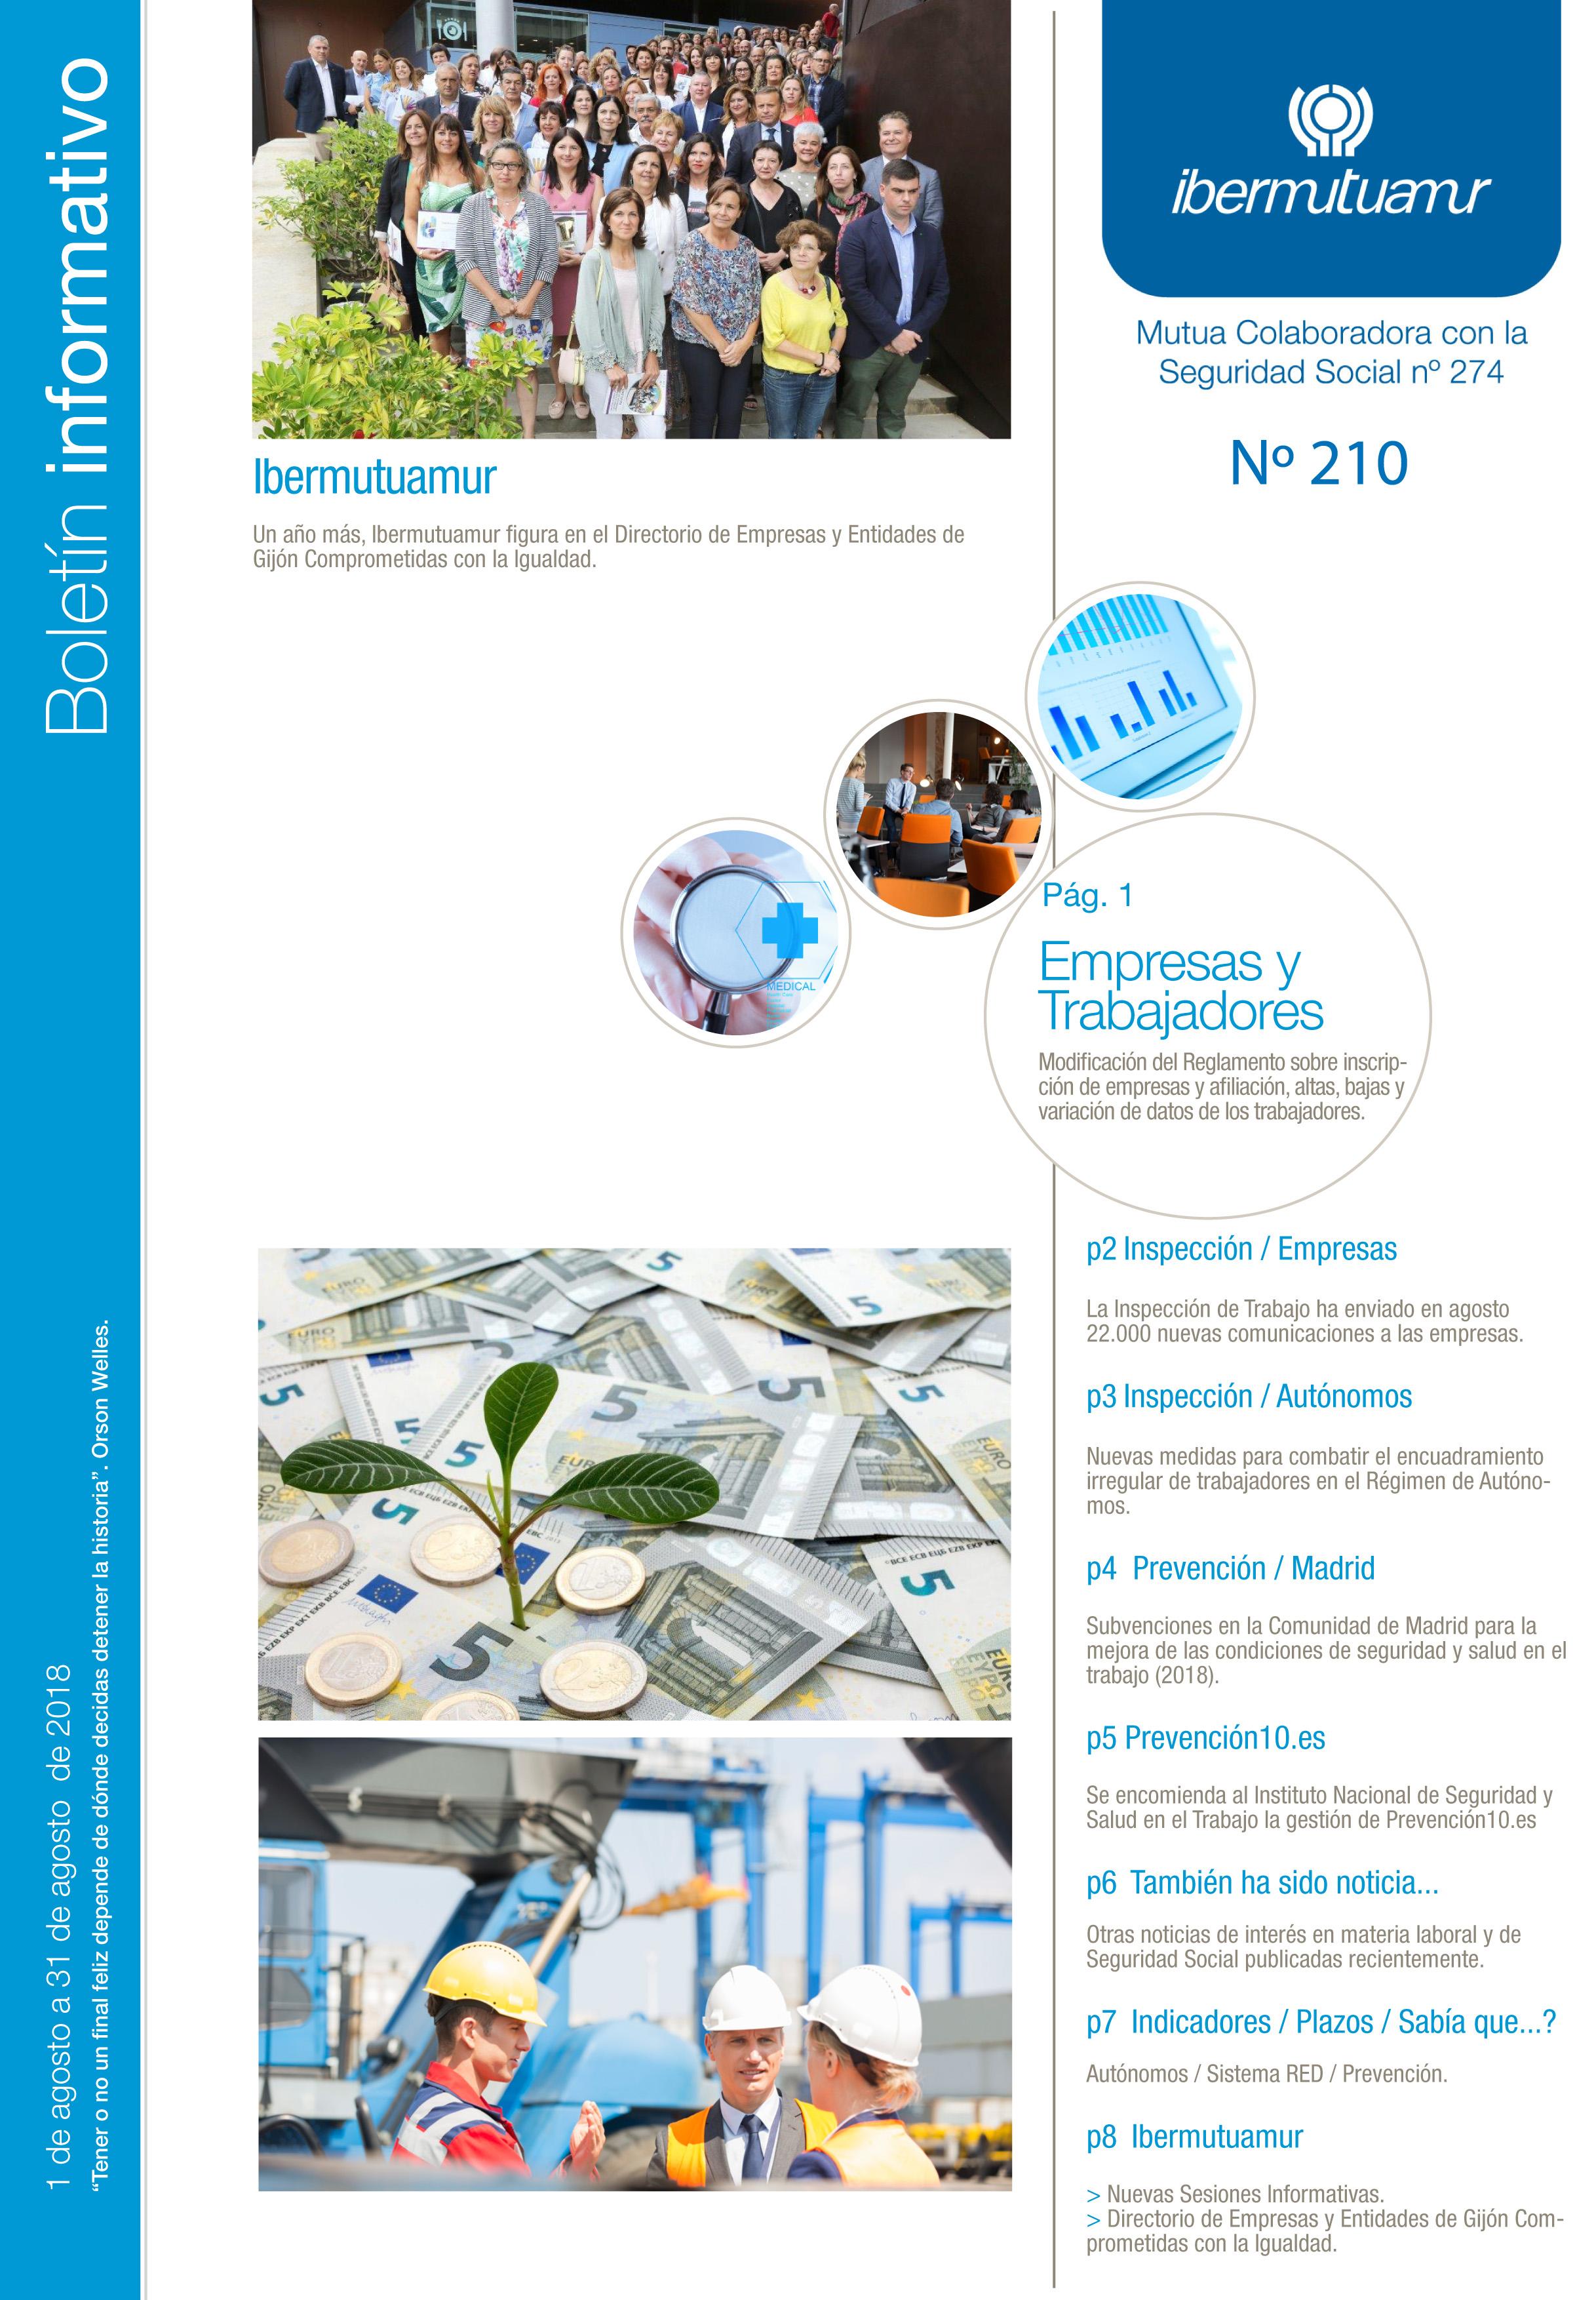 Ya está disponible el Boletín informativo de Ibermutuamur nº 210